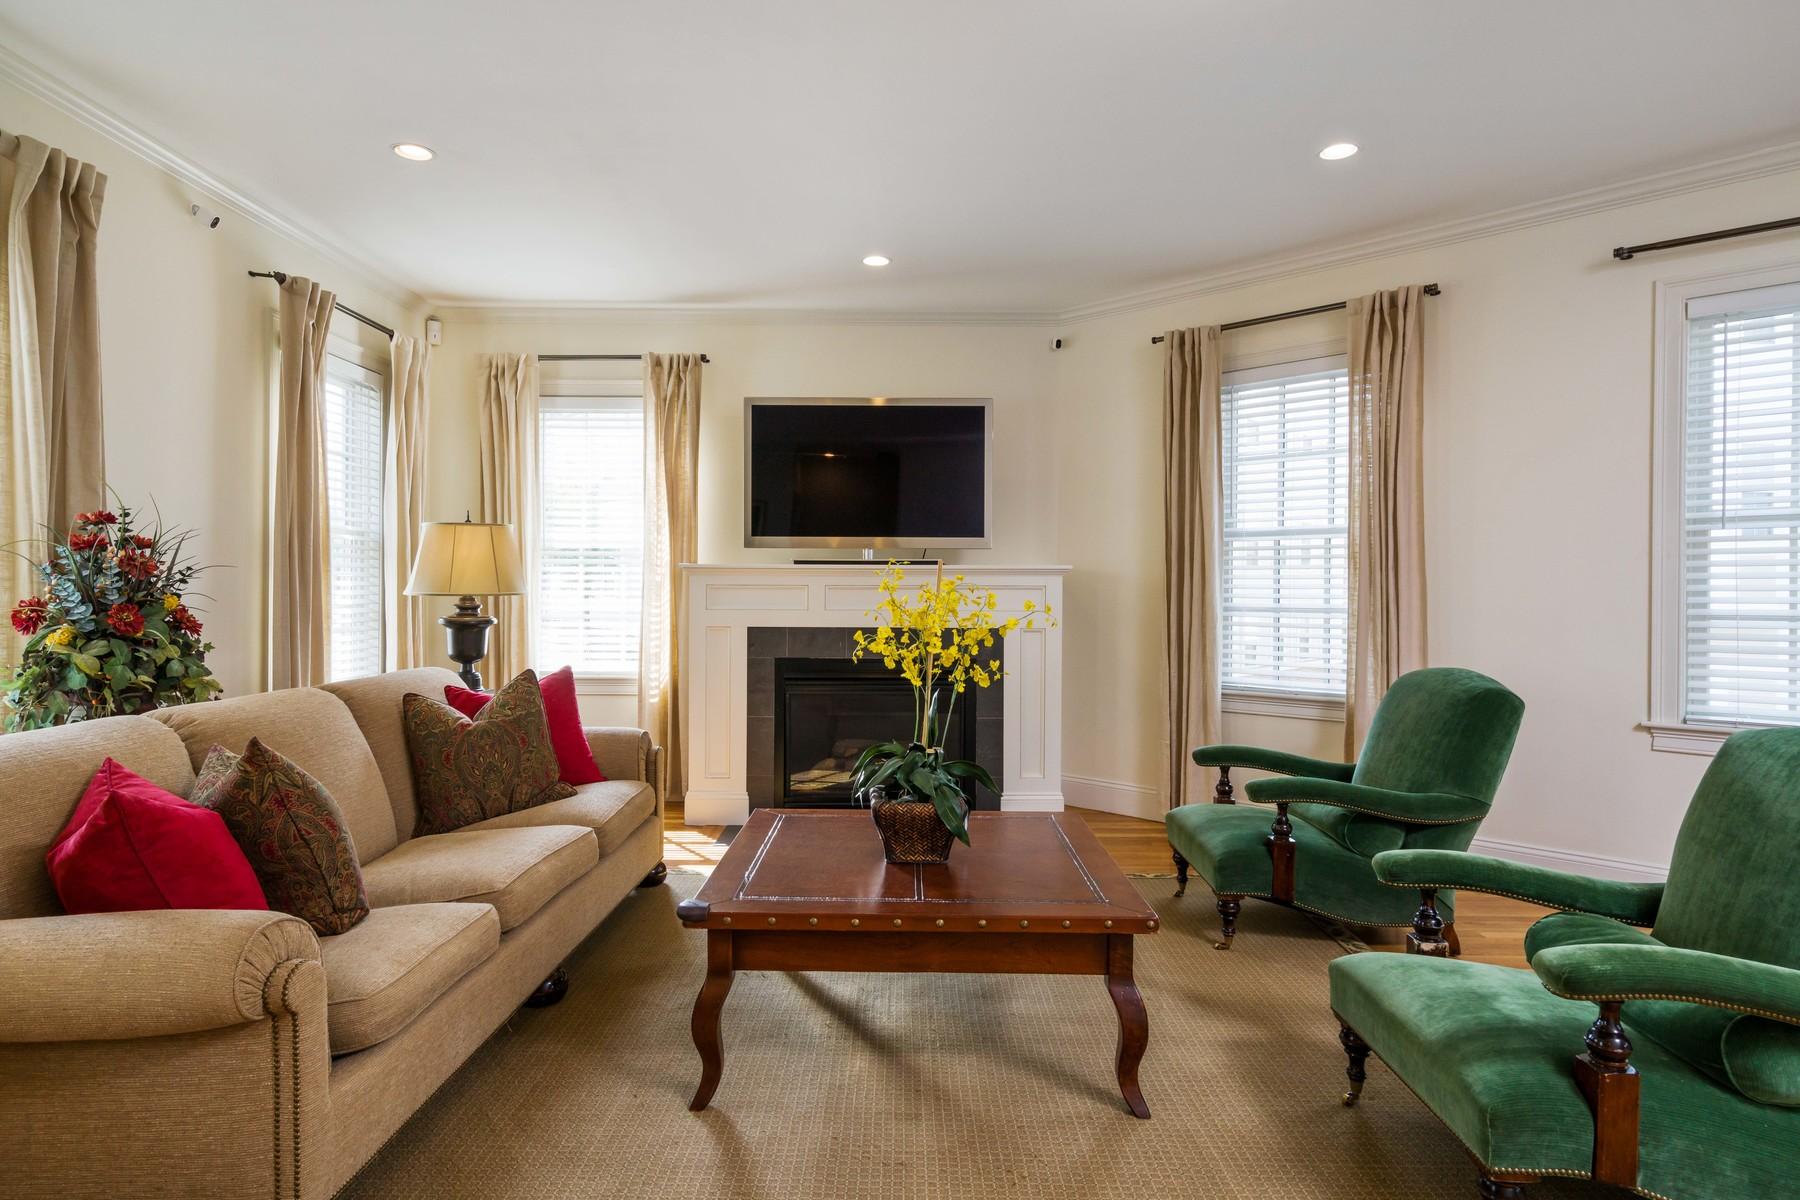 Appartement en copropriété pour l Vente à Beautiful townhouse in the heart of South Boston. 402 E 3Rd St - Unit 1 Boston, Massachusetts, 02127 États-Unis